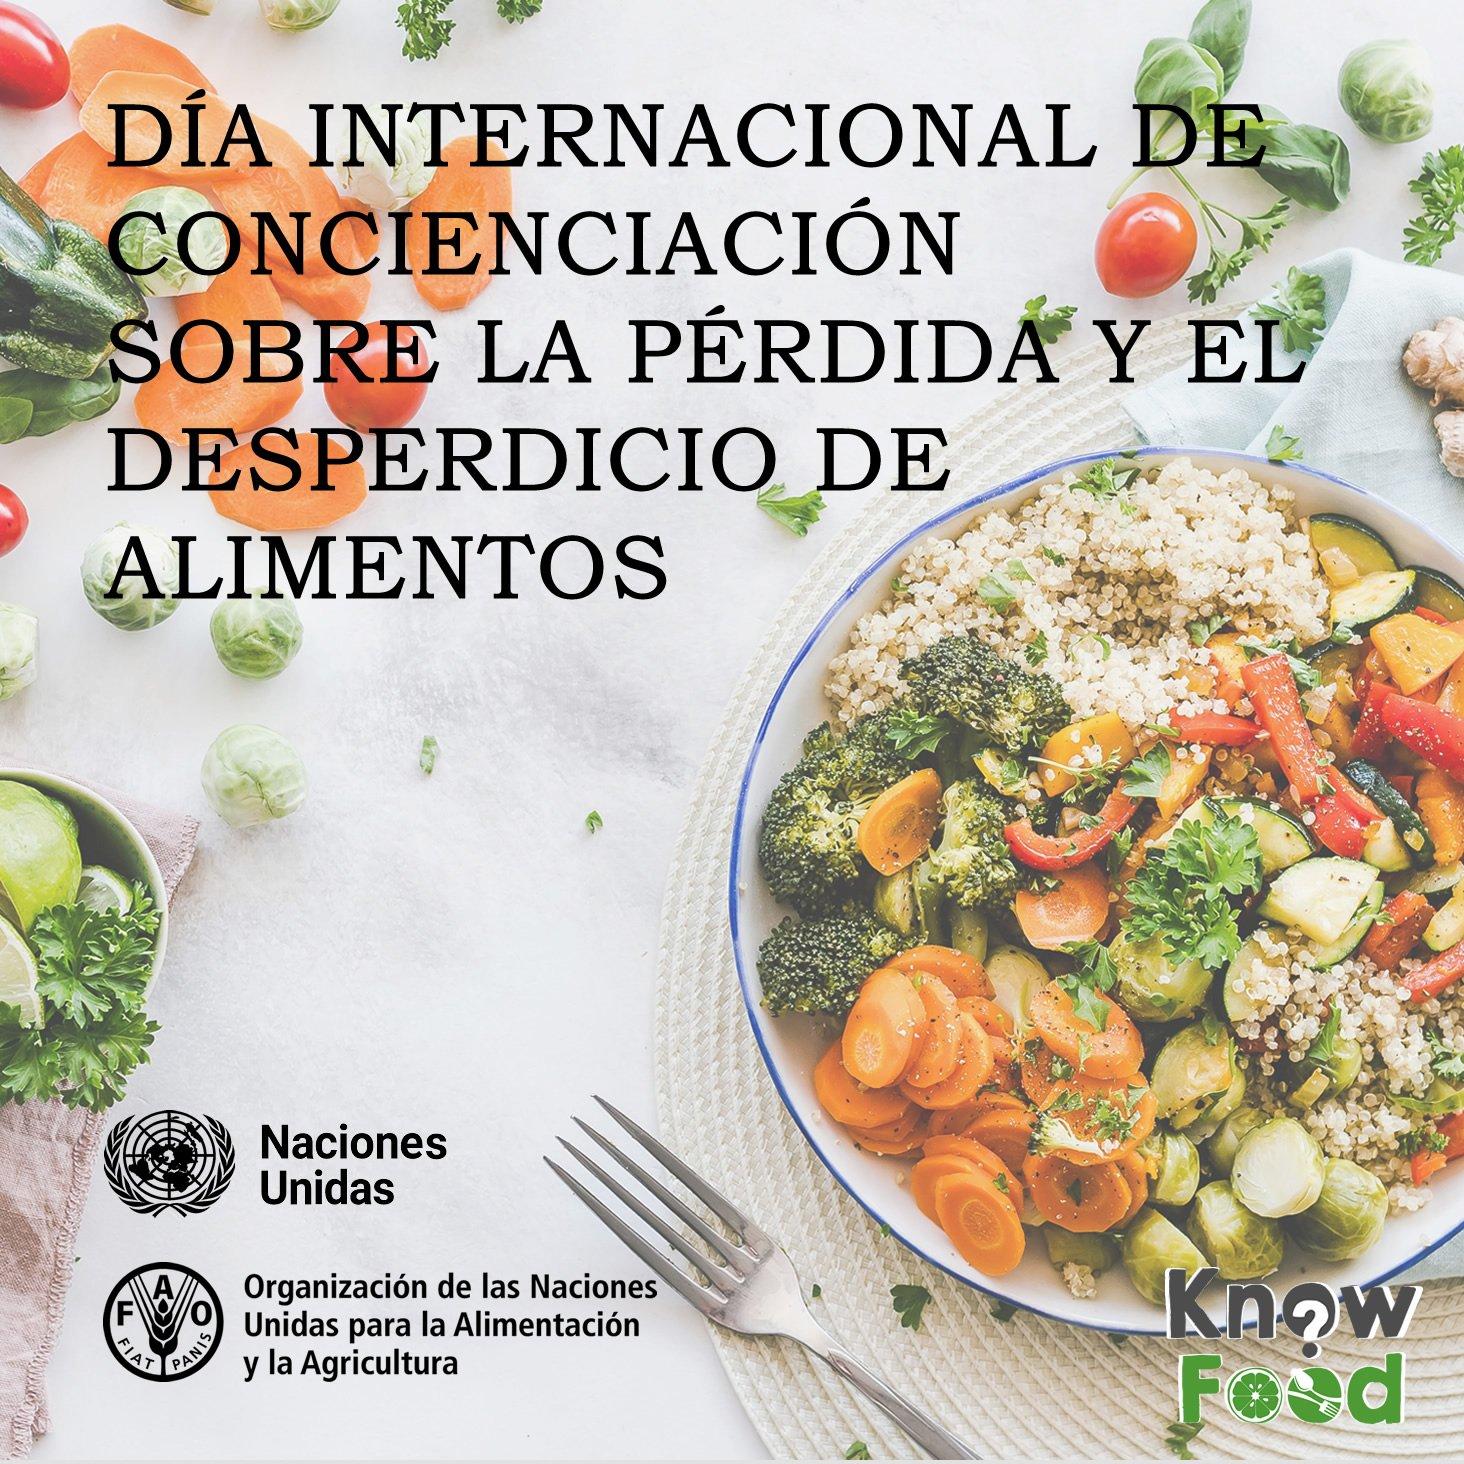 Día Internacional de Conciencia de la Pérdida y el Desperdicio de Alimentos